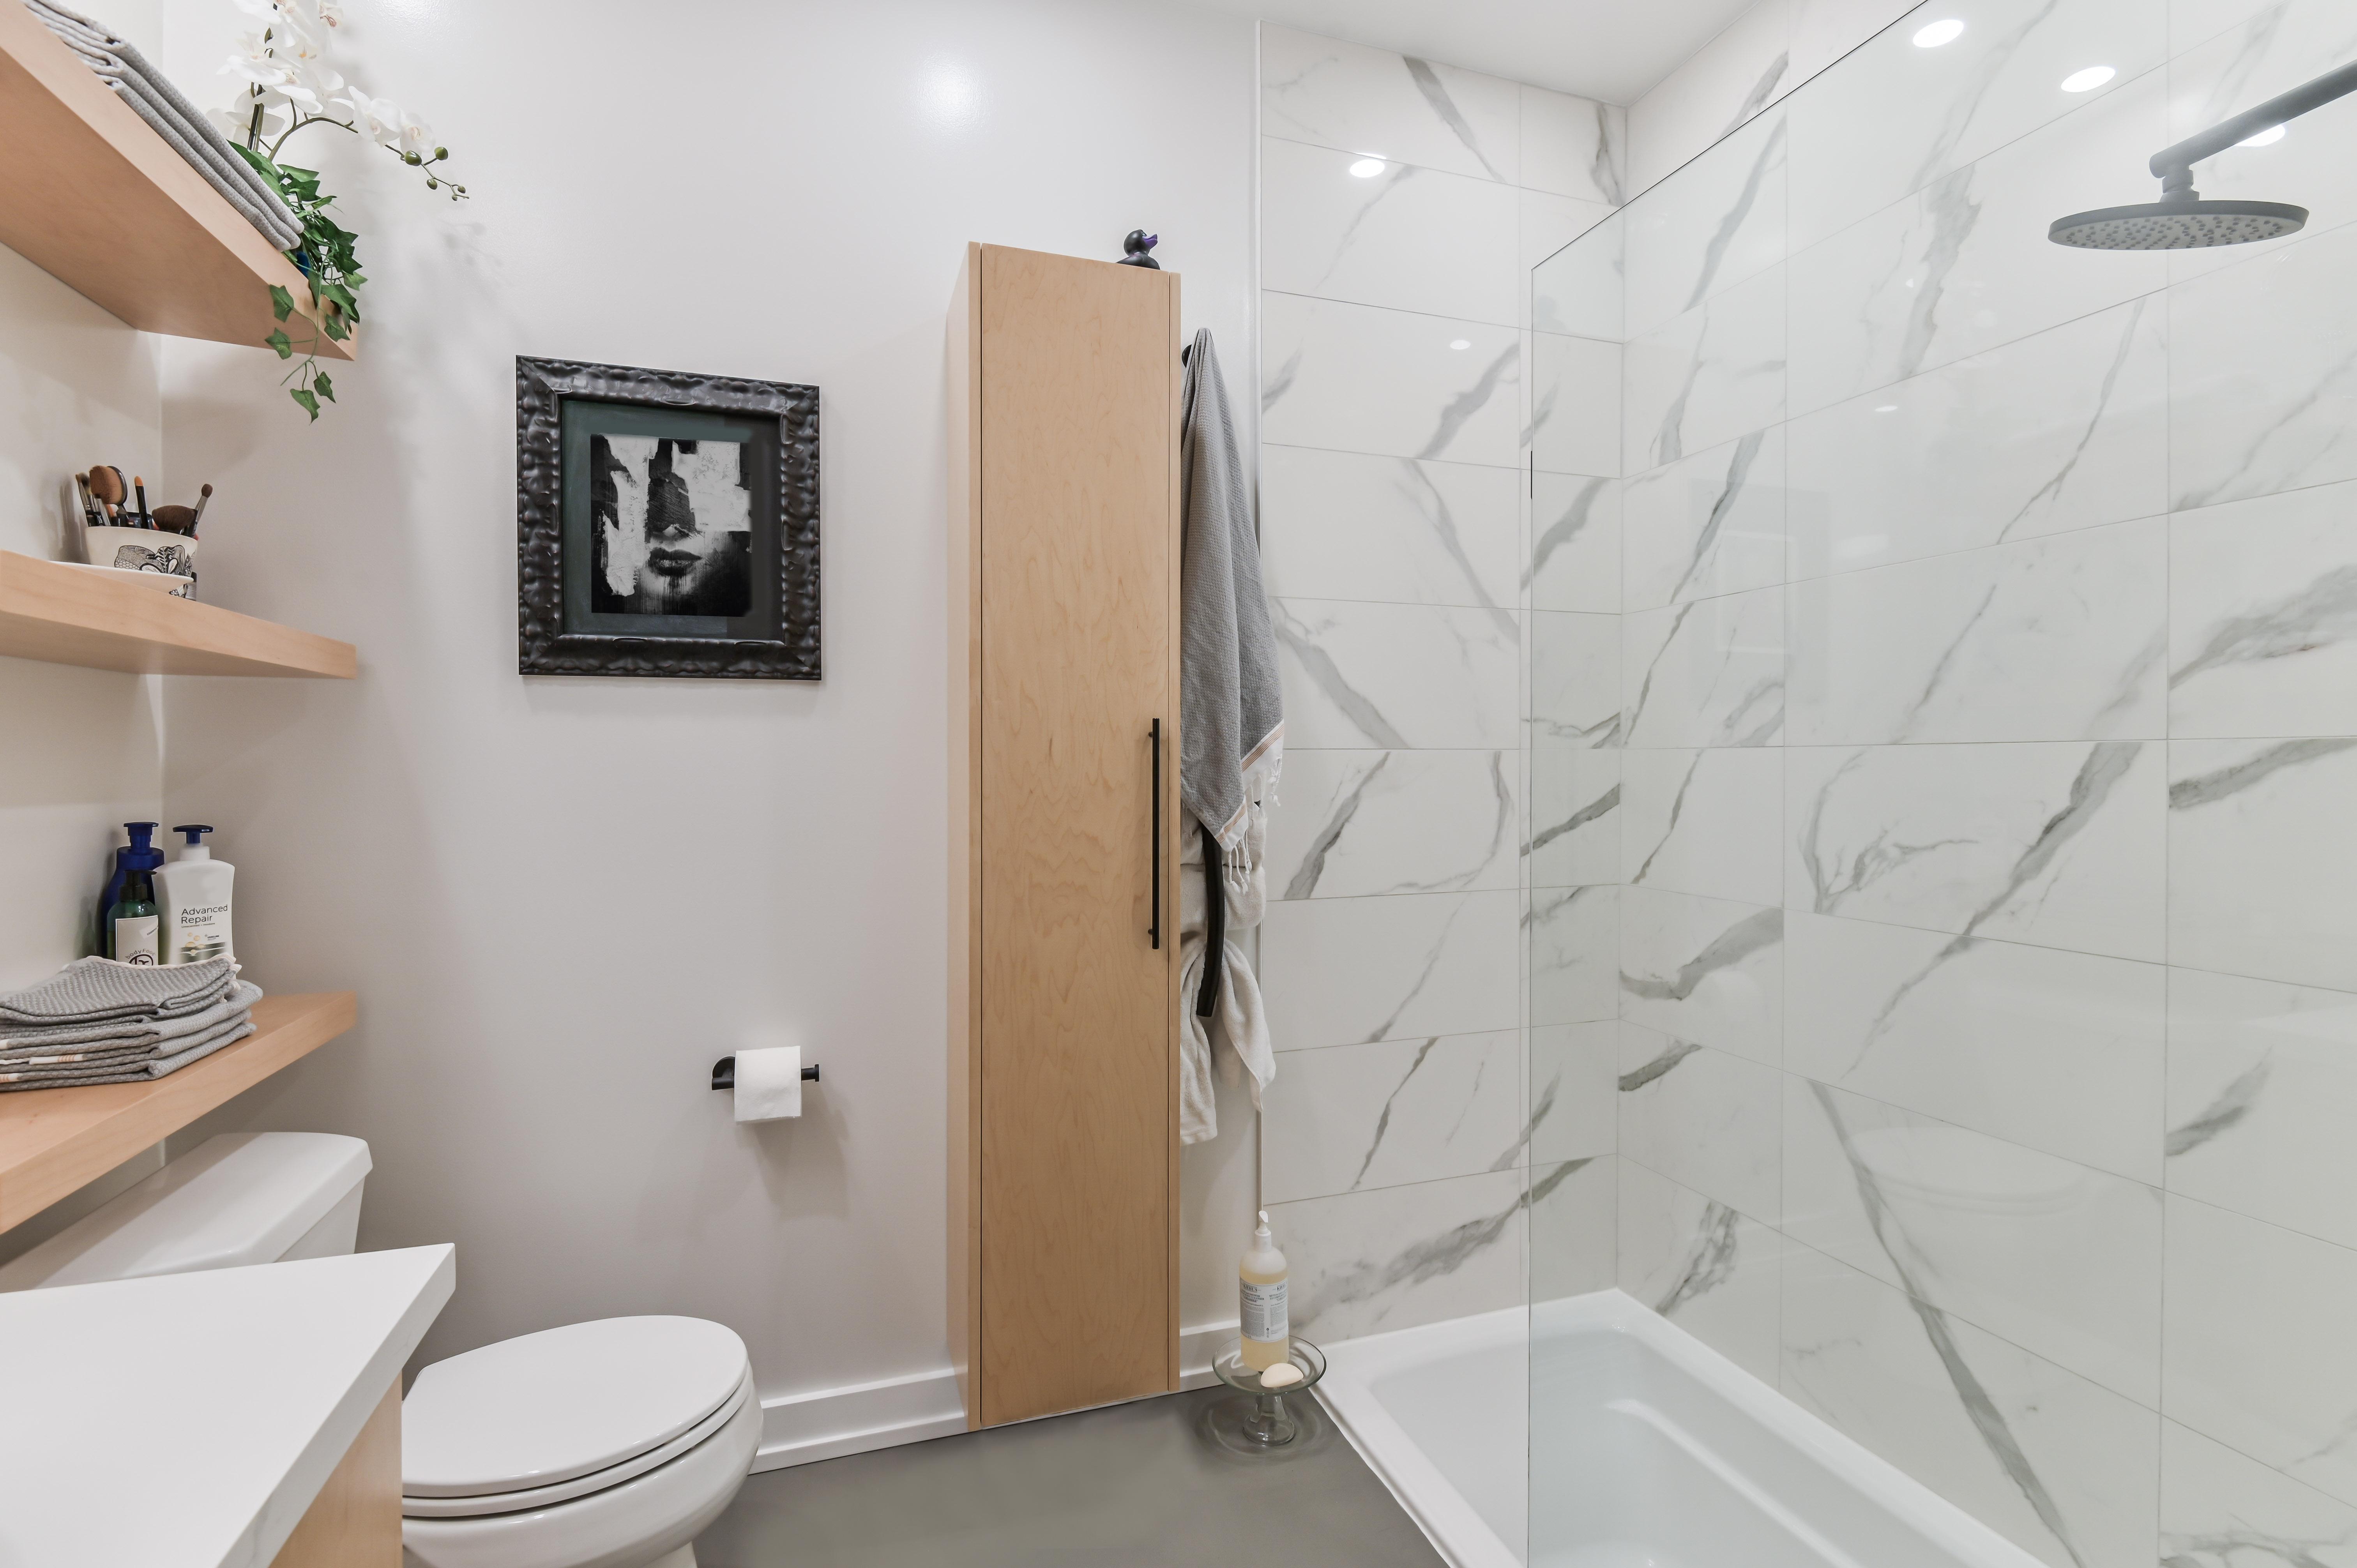 Petite salle de bain rénovée avec un mélange de tuiles imitation marbre et de microciment qui se marie bien au reste du décor